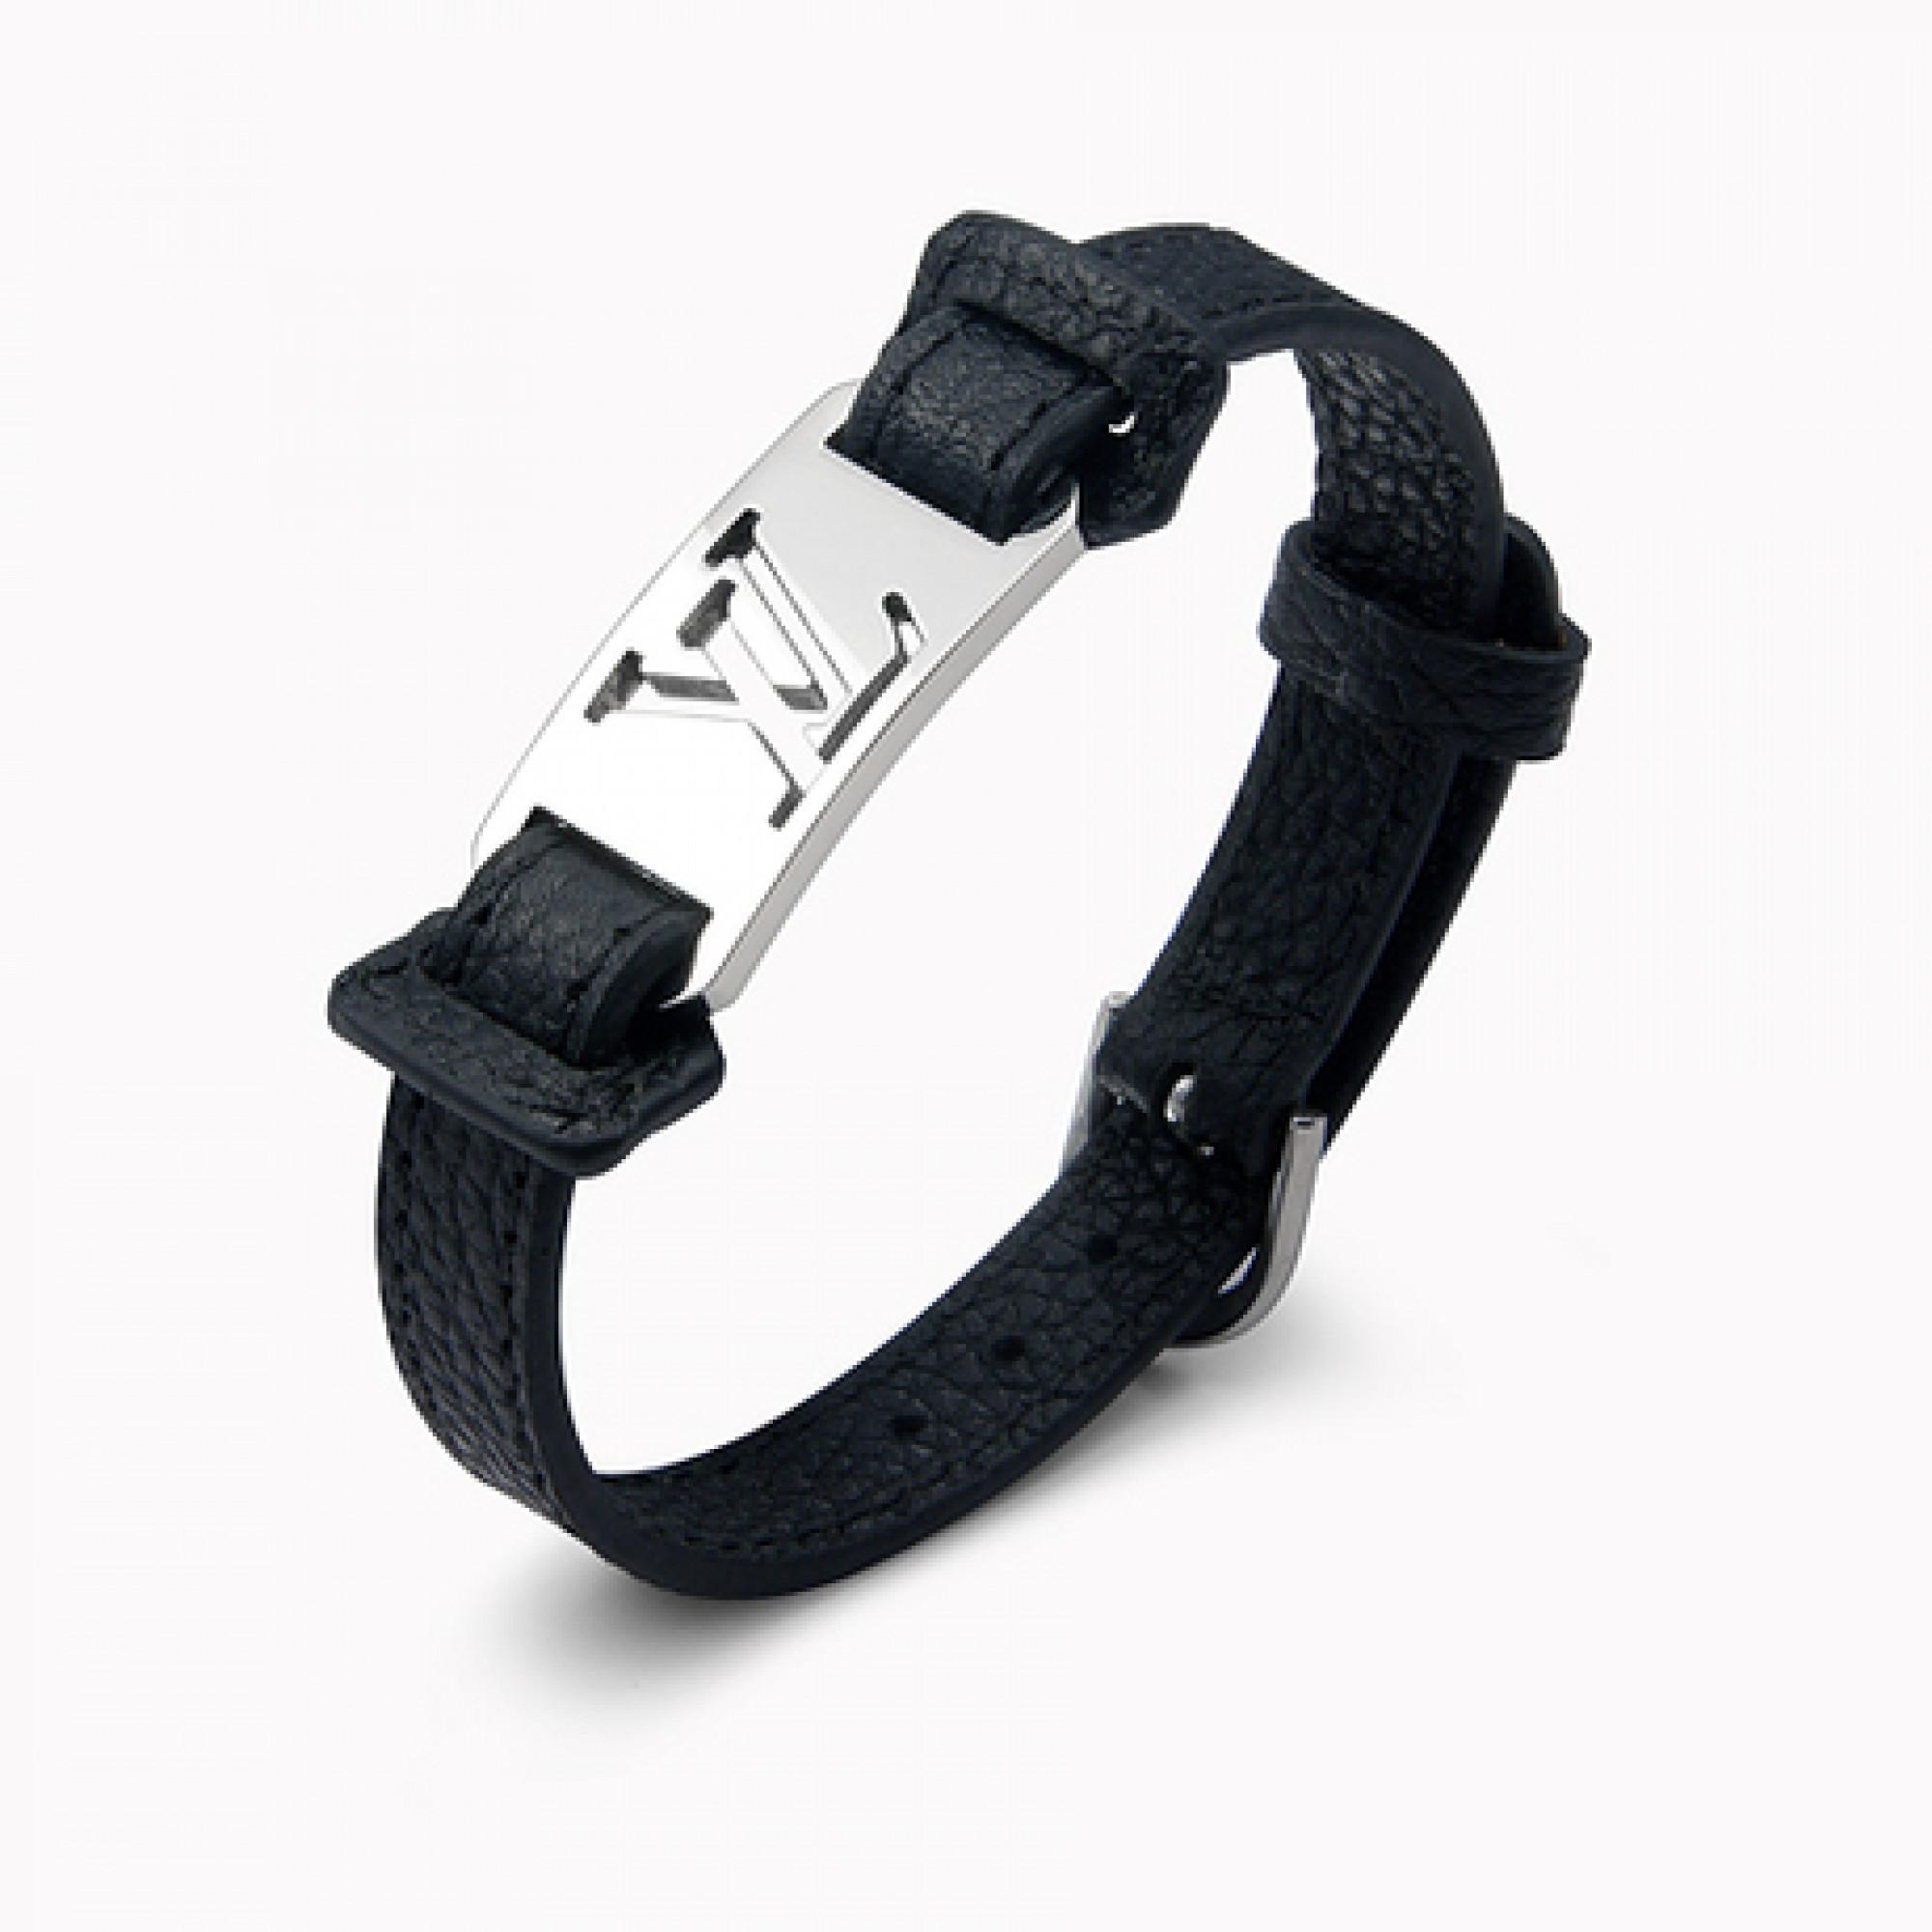 1745b5b9c65 Купить черный браслет Louis Vuitton — в Киеве, код товара 14670